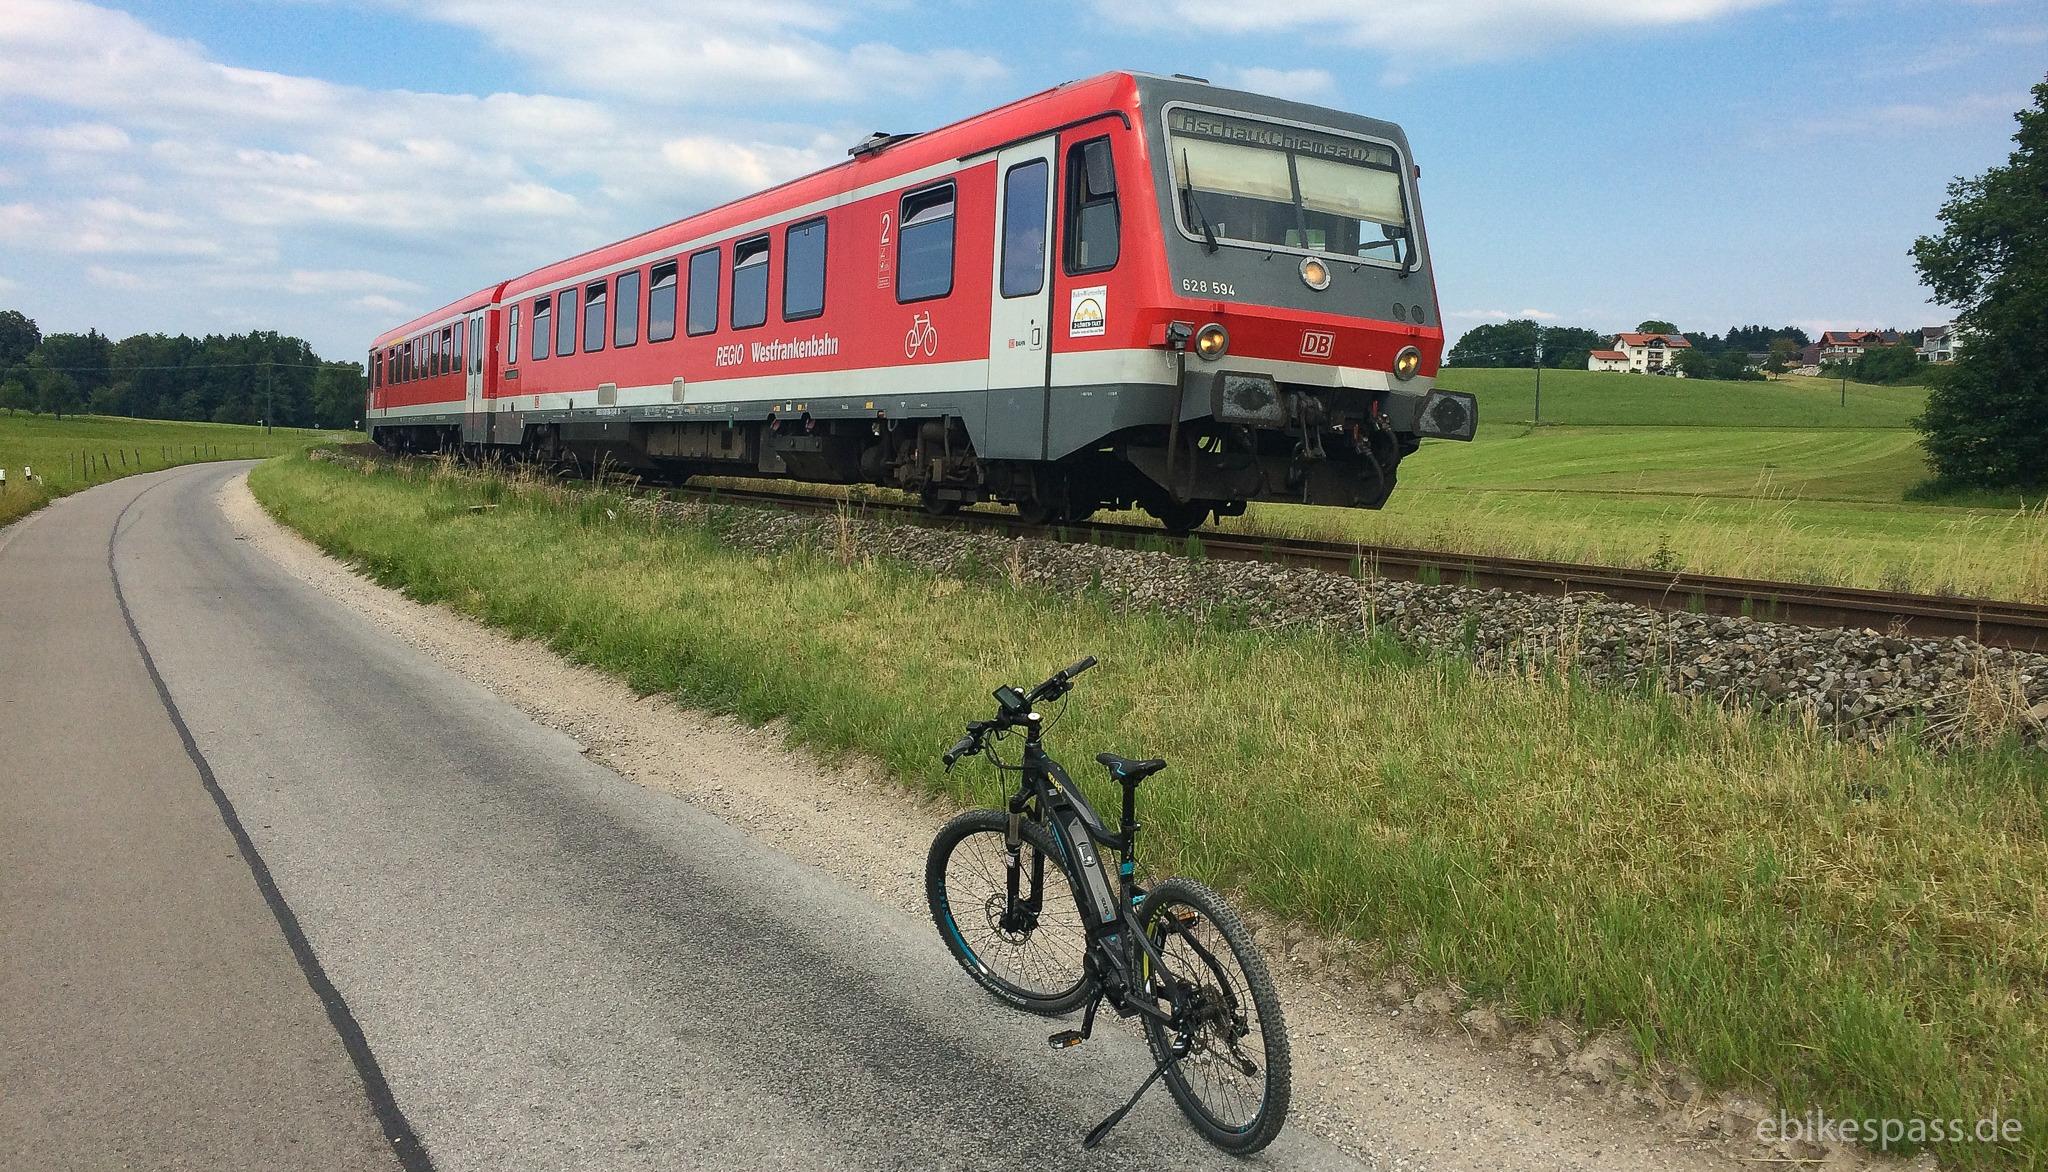 priental-bahn-aschau-9838.jpg